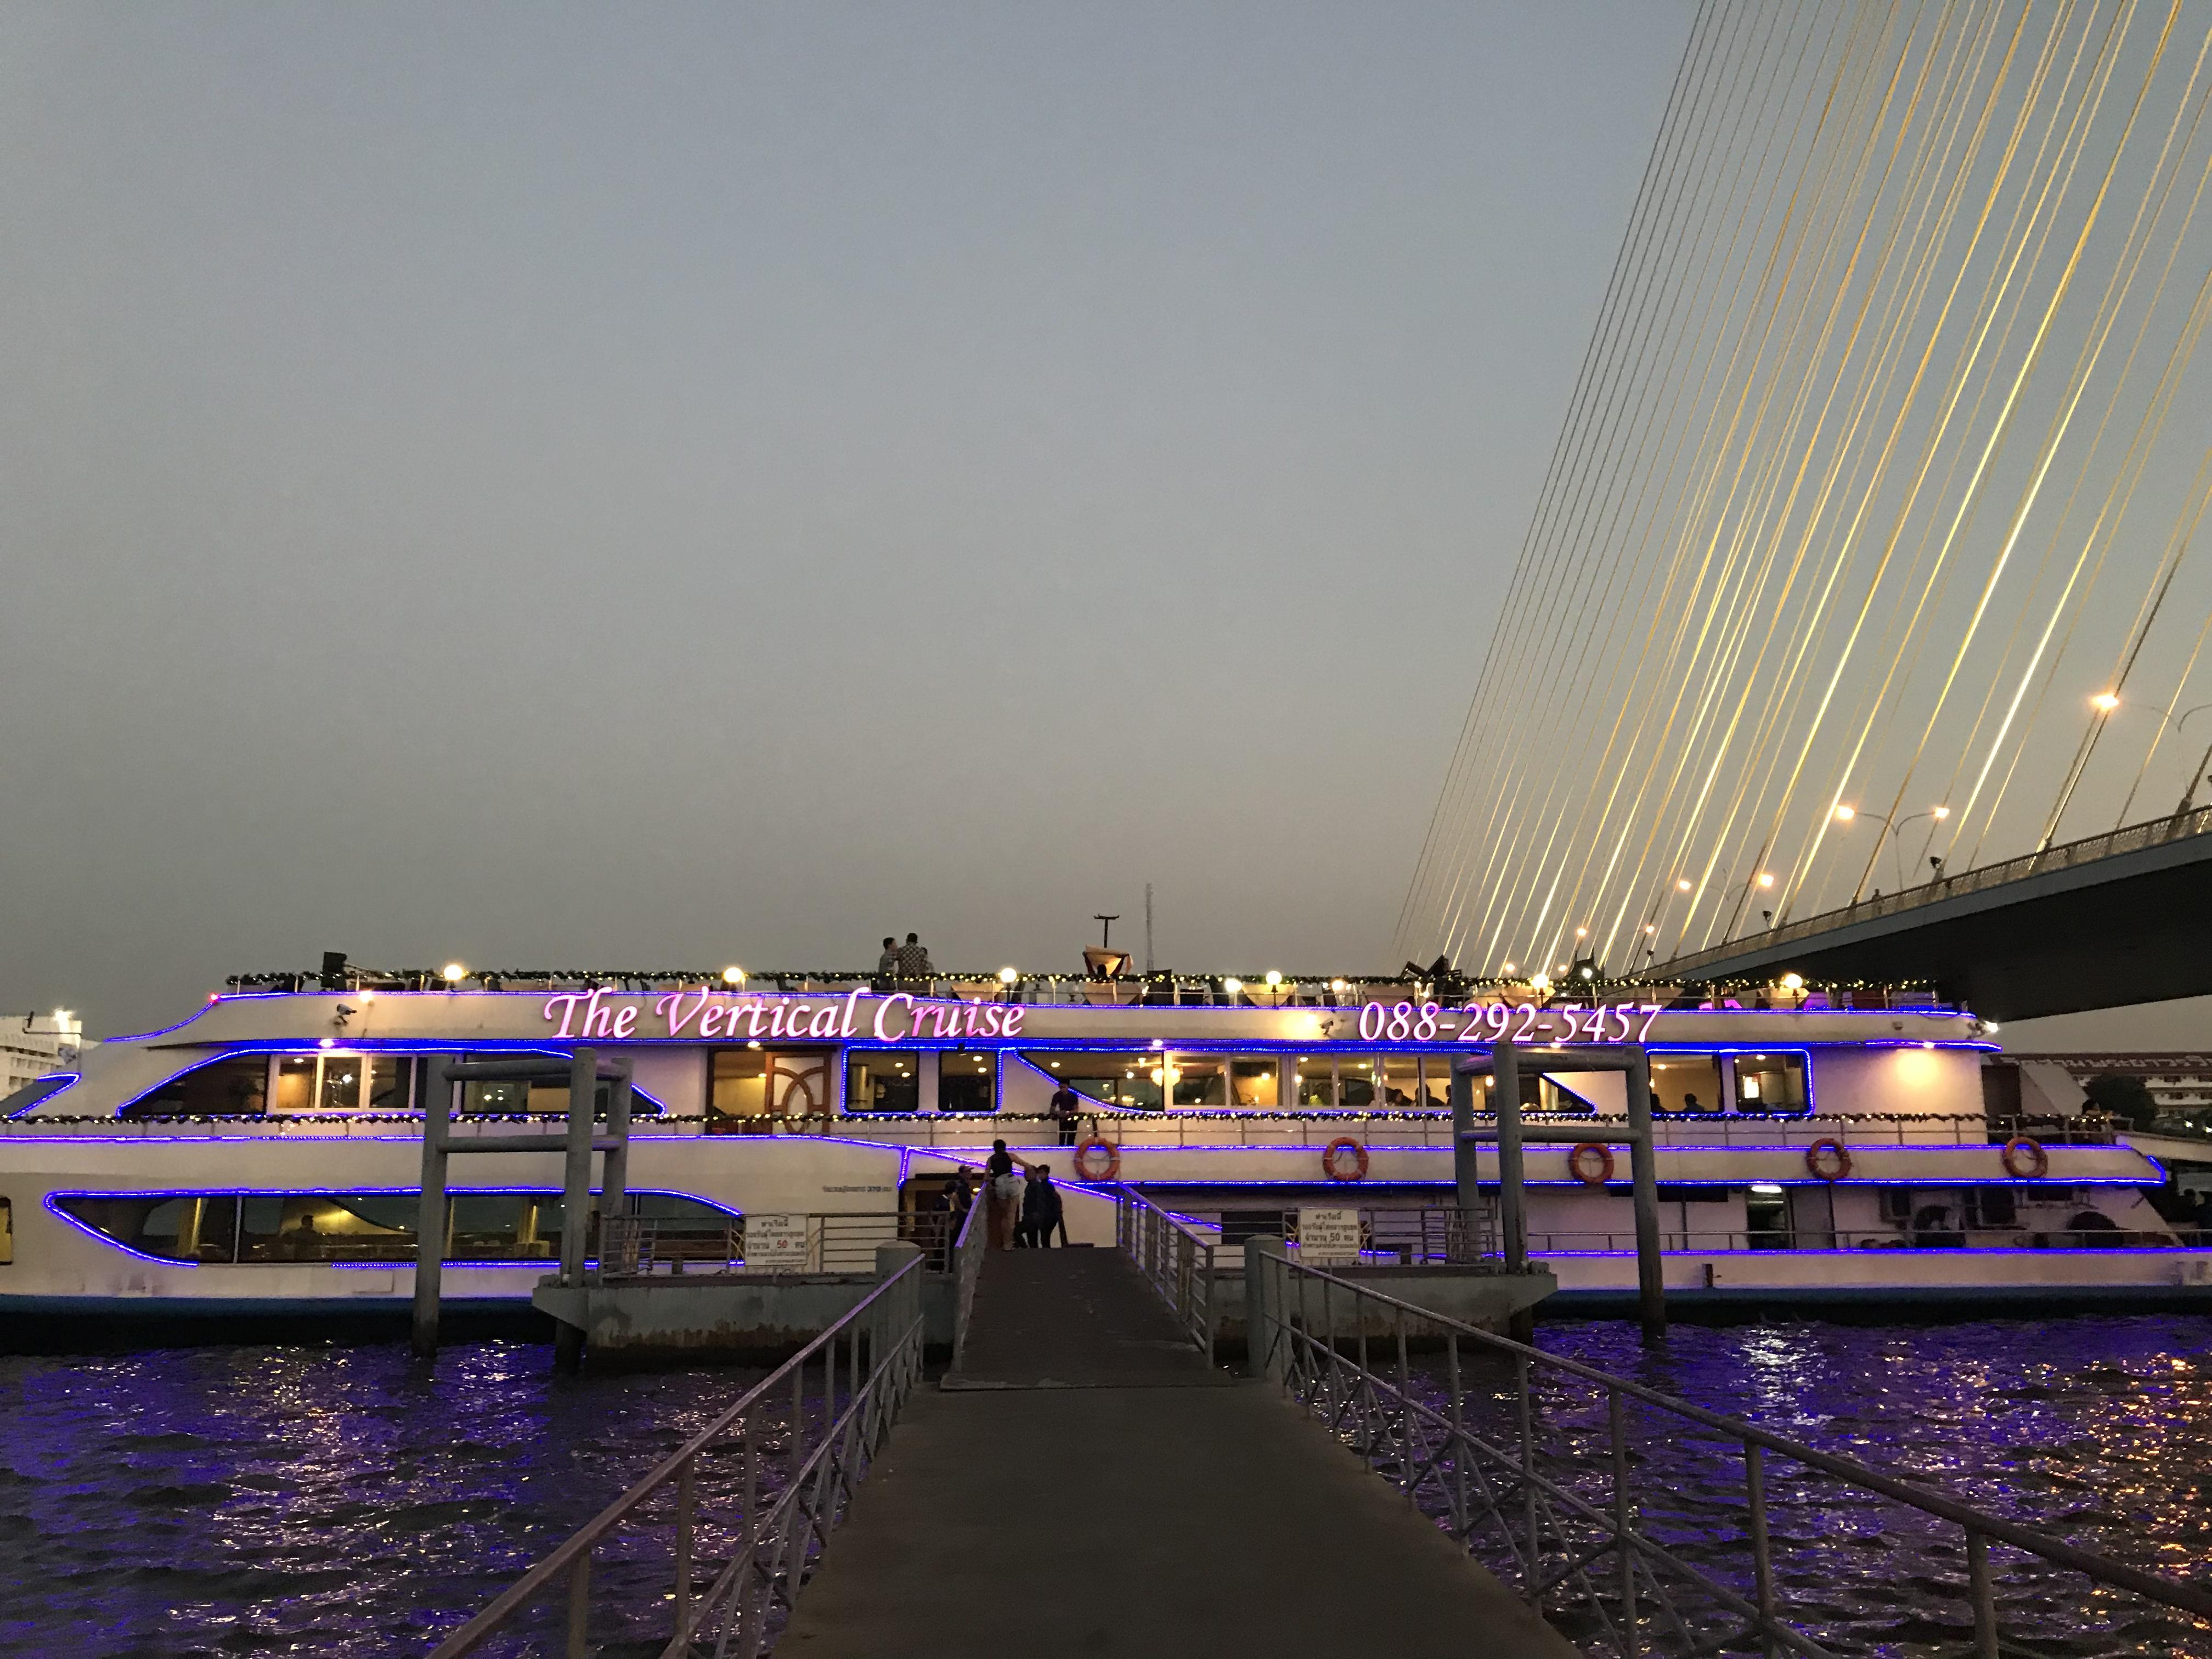 曼谷大游船+湄南河码头+Asiatique夜市皇宫一品工业大道食龙美电话图片